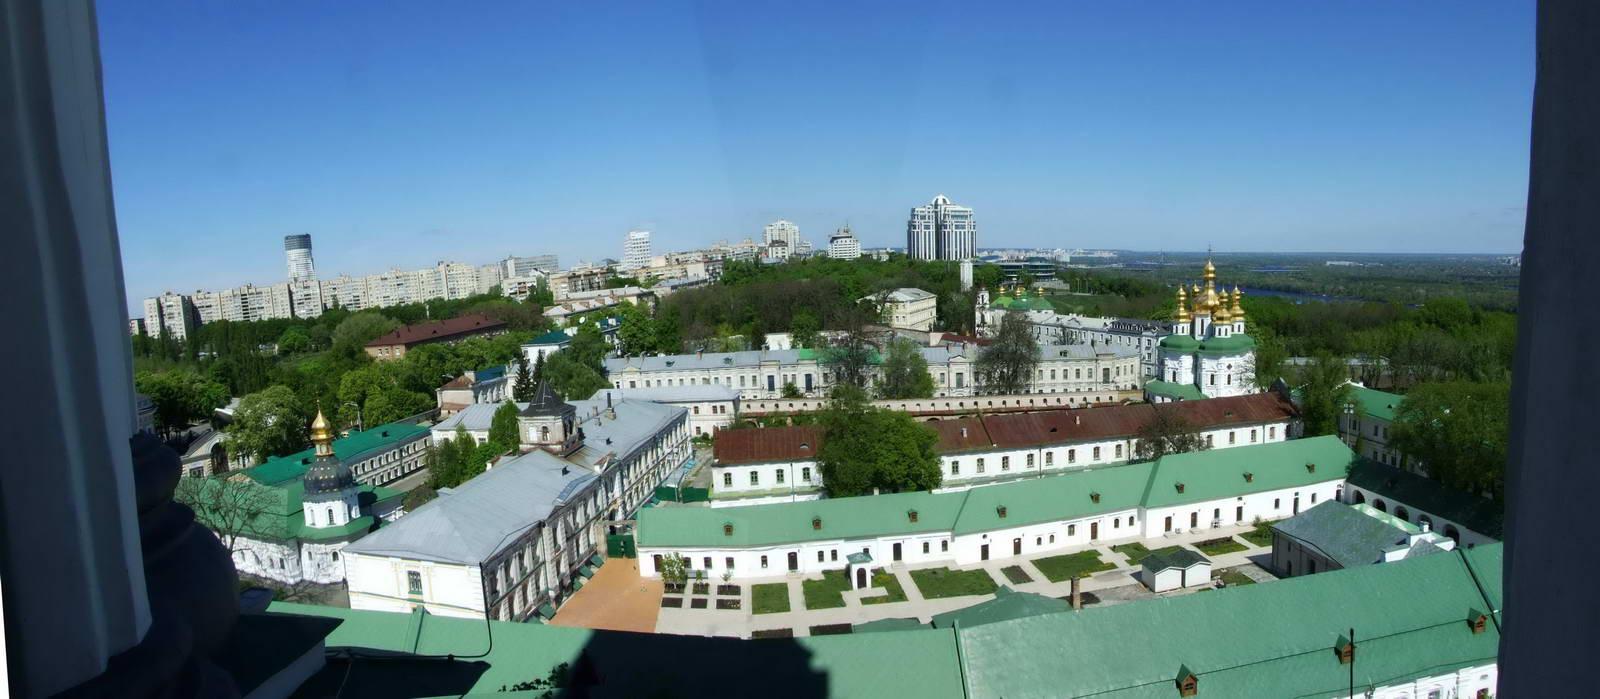 2015 р. Панорама північного сектору з…